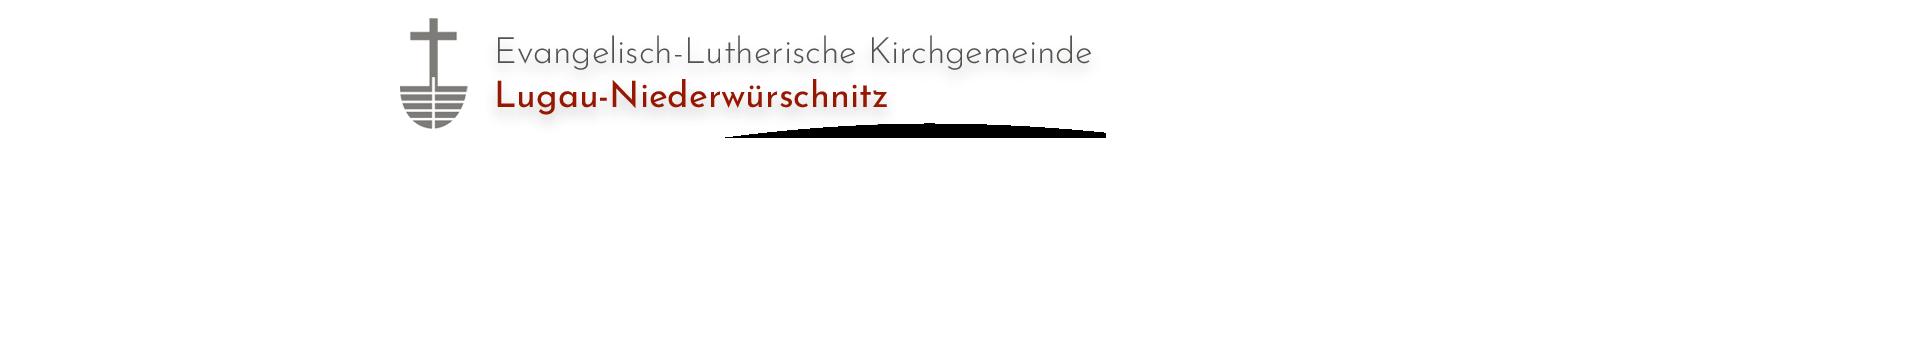 Evangelisch-Lutherische Kirchgemeinde Lugau-Niederwürschnitz